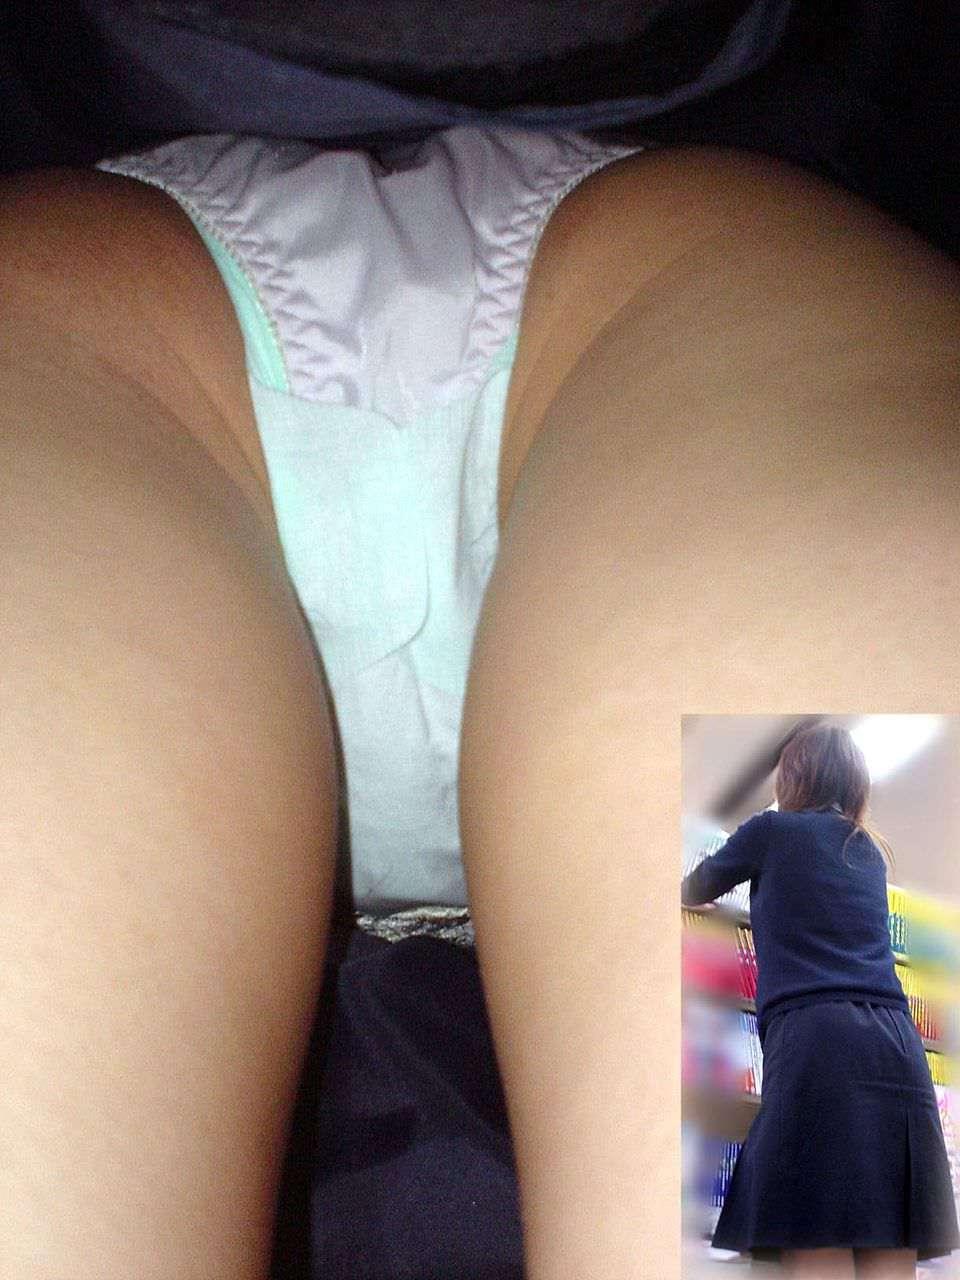 生理の日にこんな短いスカートを履いちゃだ~めだ~め!!ナプキンも写ってる逆さ撮り画像 その10